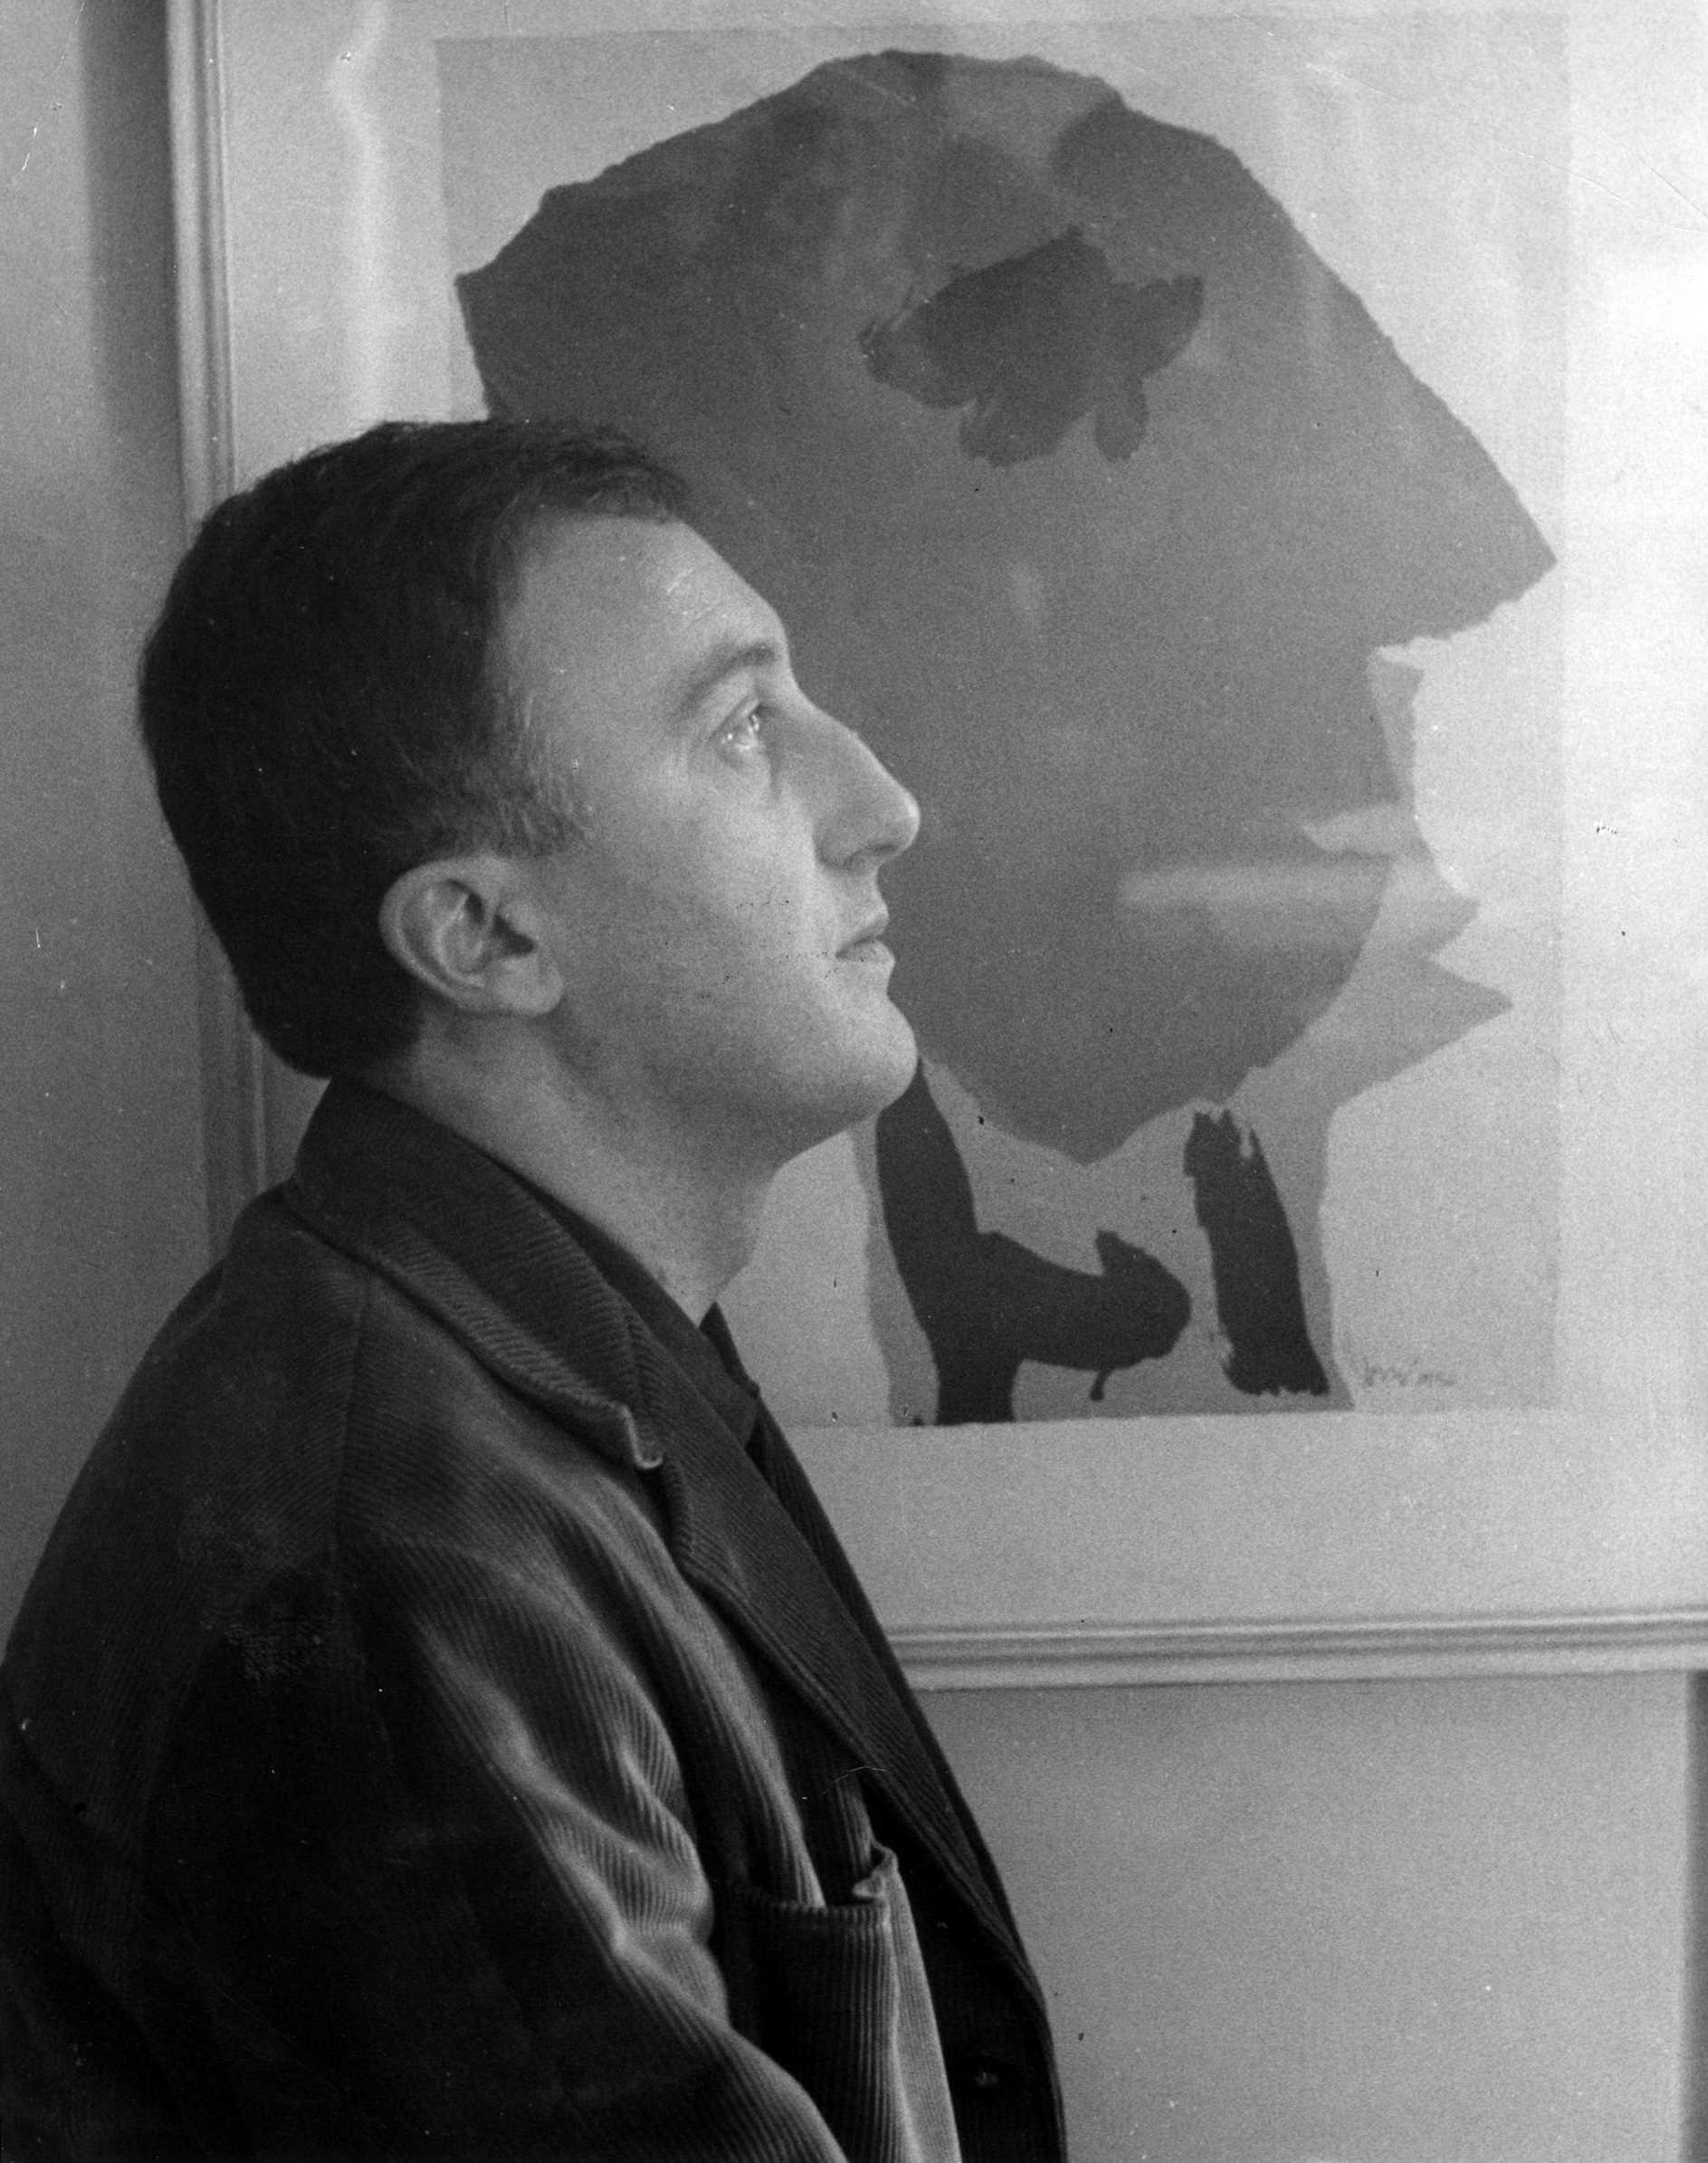 Enrico Baj davant el seu retrat realitzat per Asger Jorn (1954). Foto de Carlo Cisventi